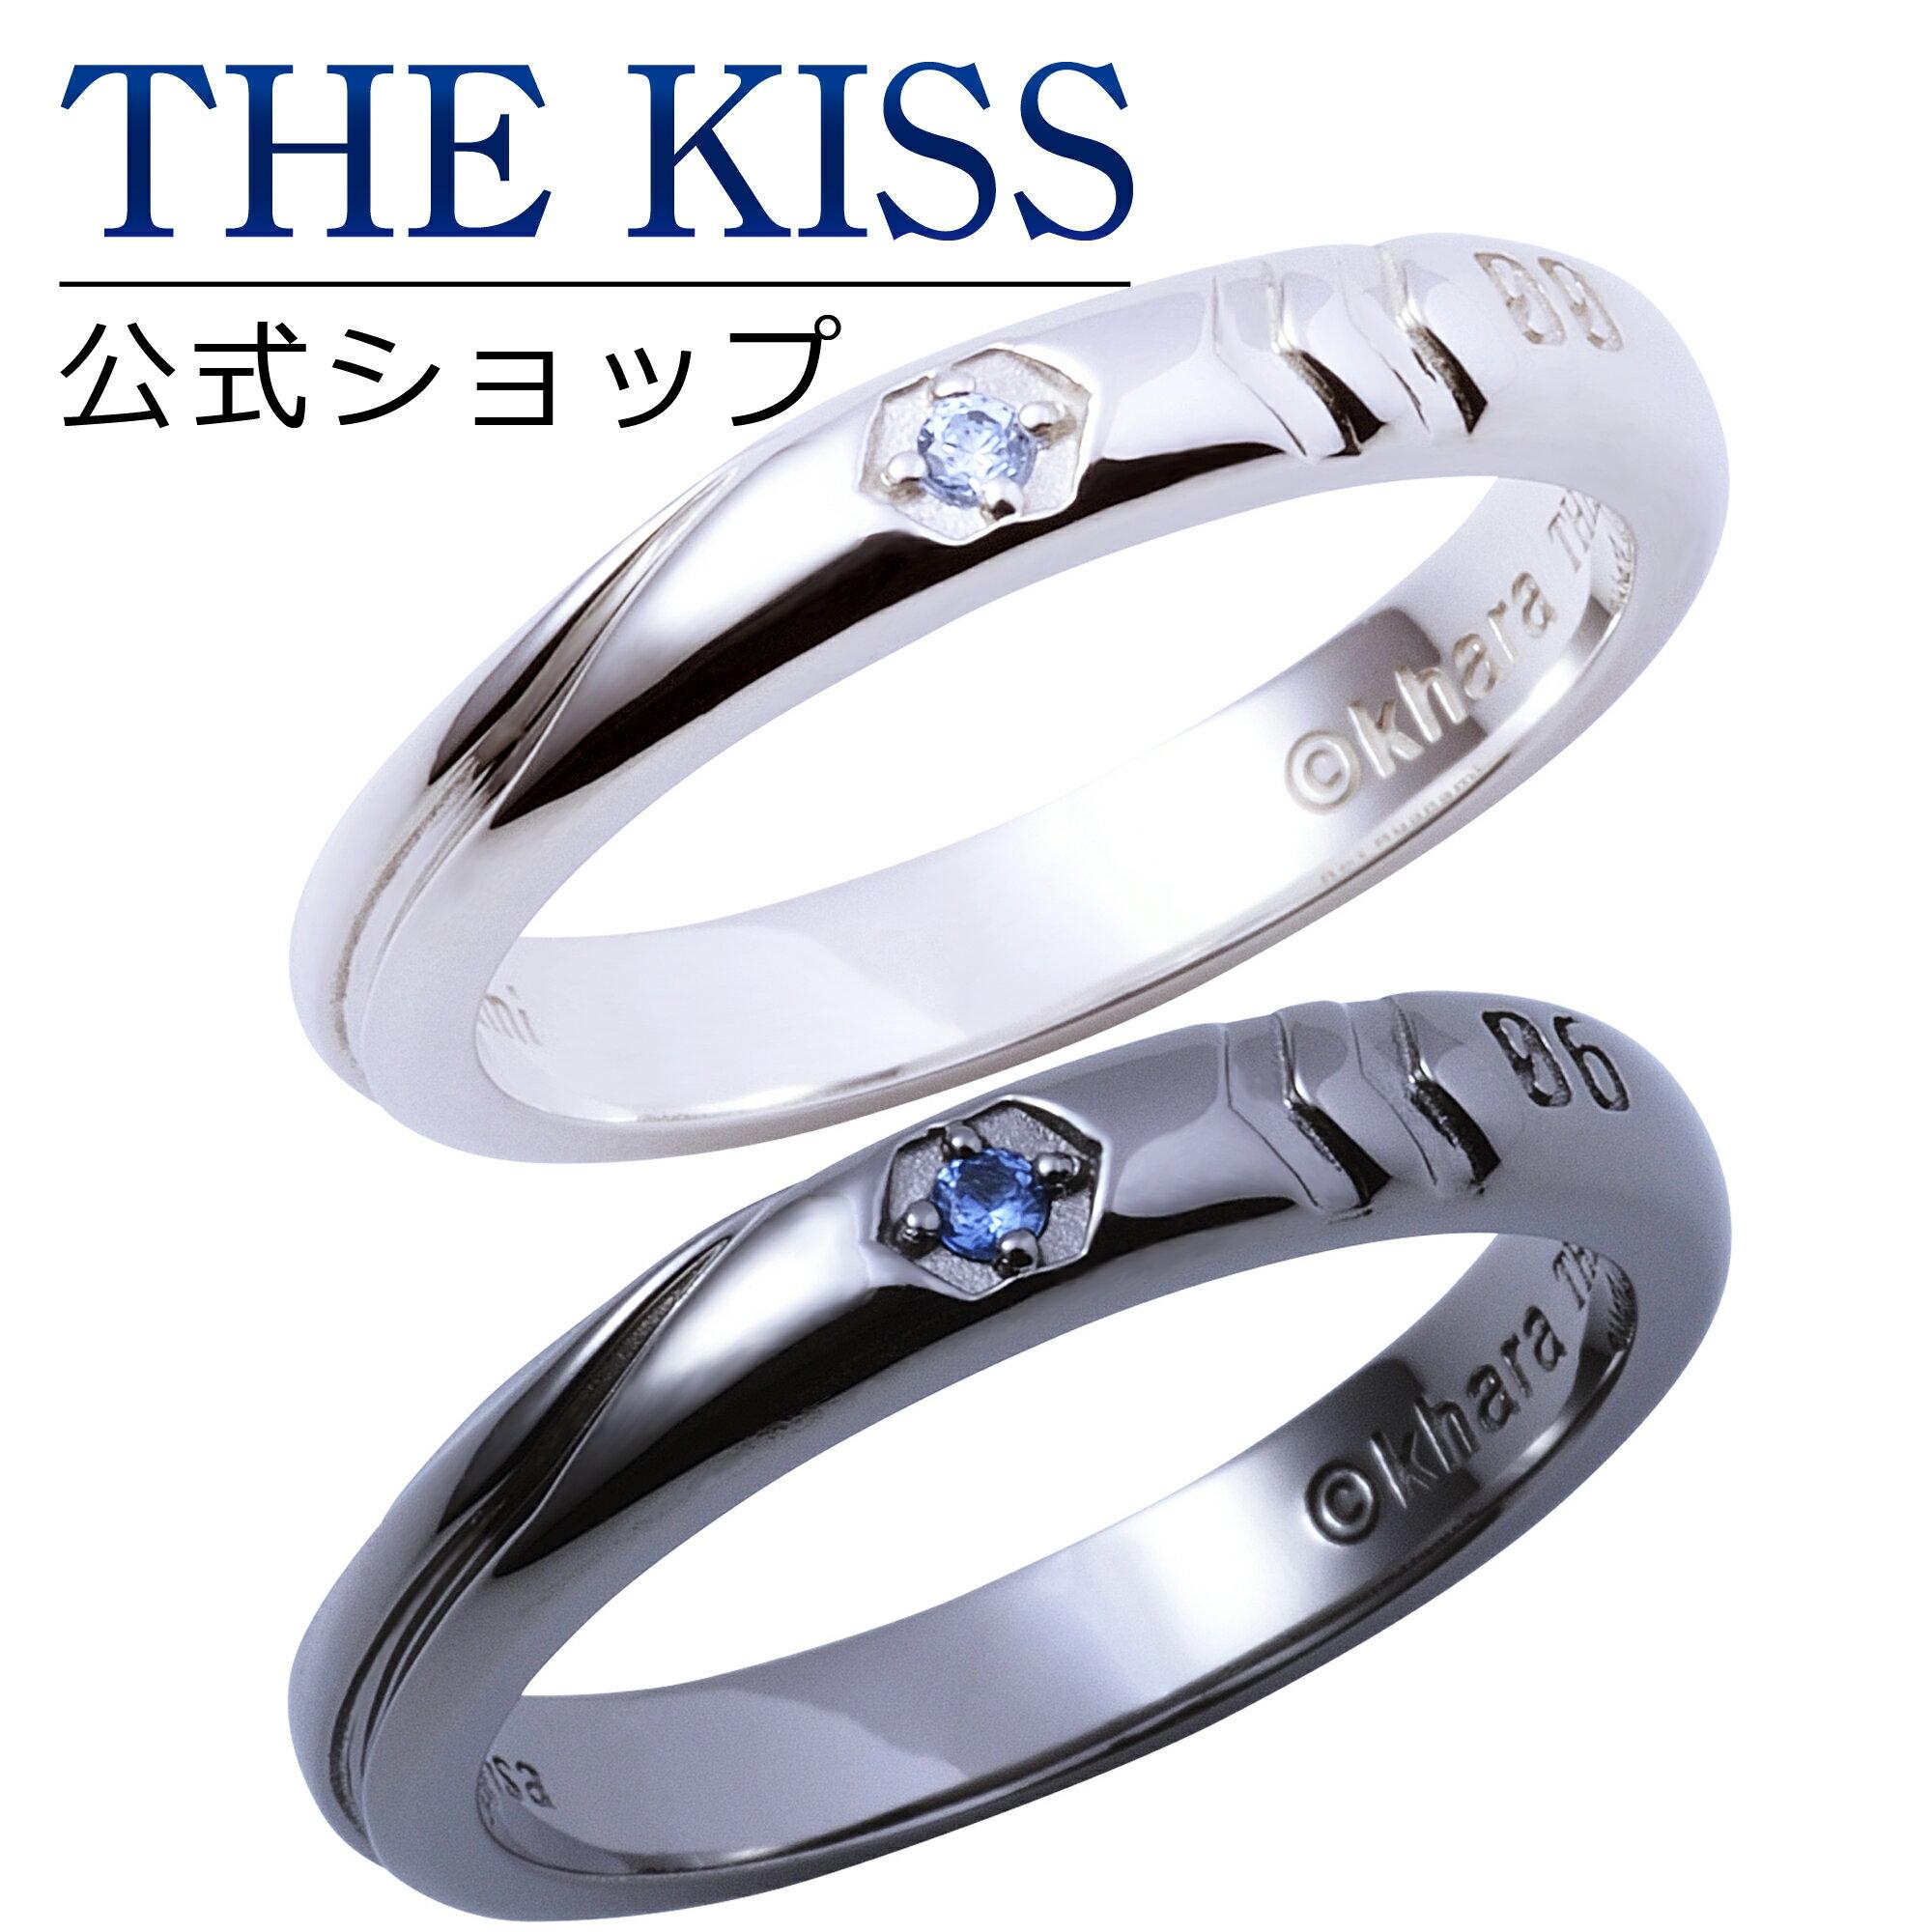 ペアアクセサリー, ペアリング THE KISS Mark.06 EVANGELION THE KISS THEKISS 2 EVSR-18-EVSR-20